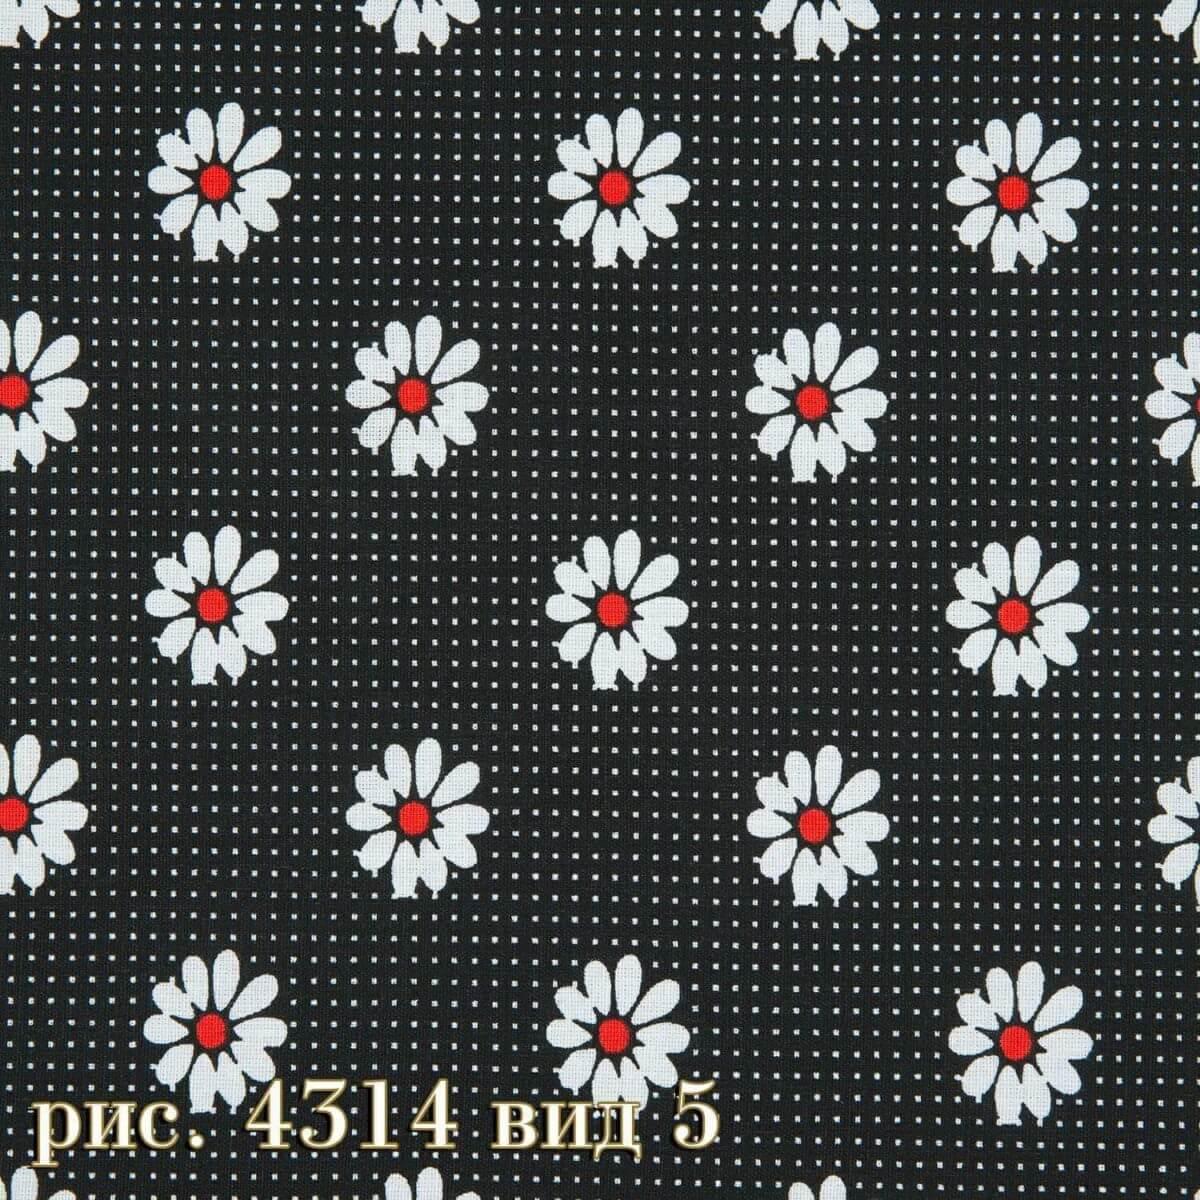 Фото 8 - Плательная ткань бязь 150 см (4314/5).